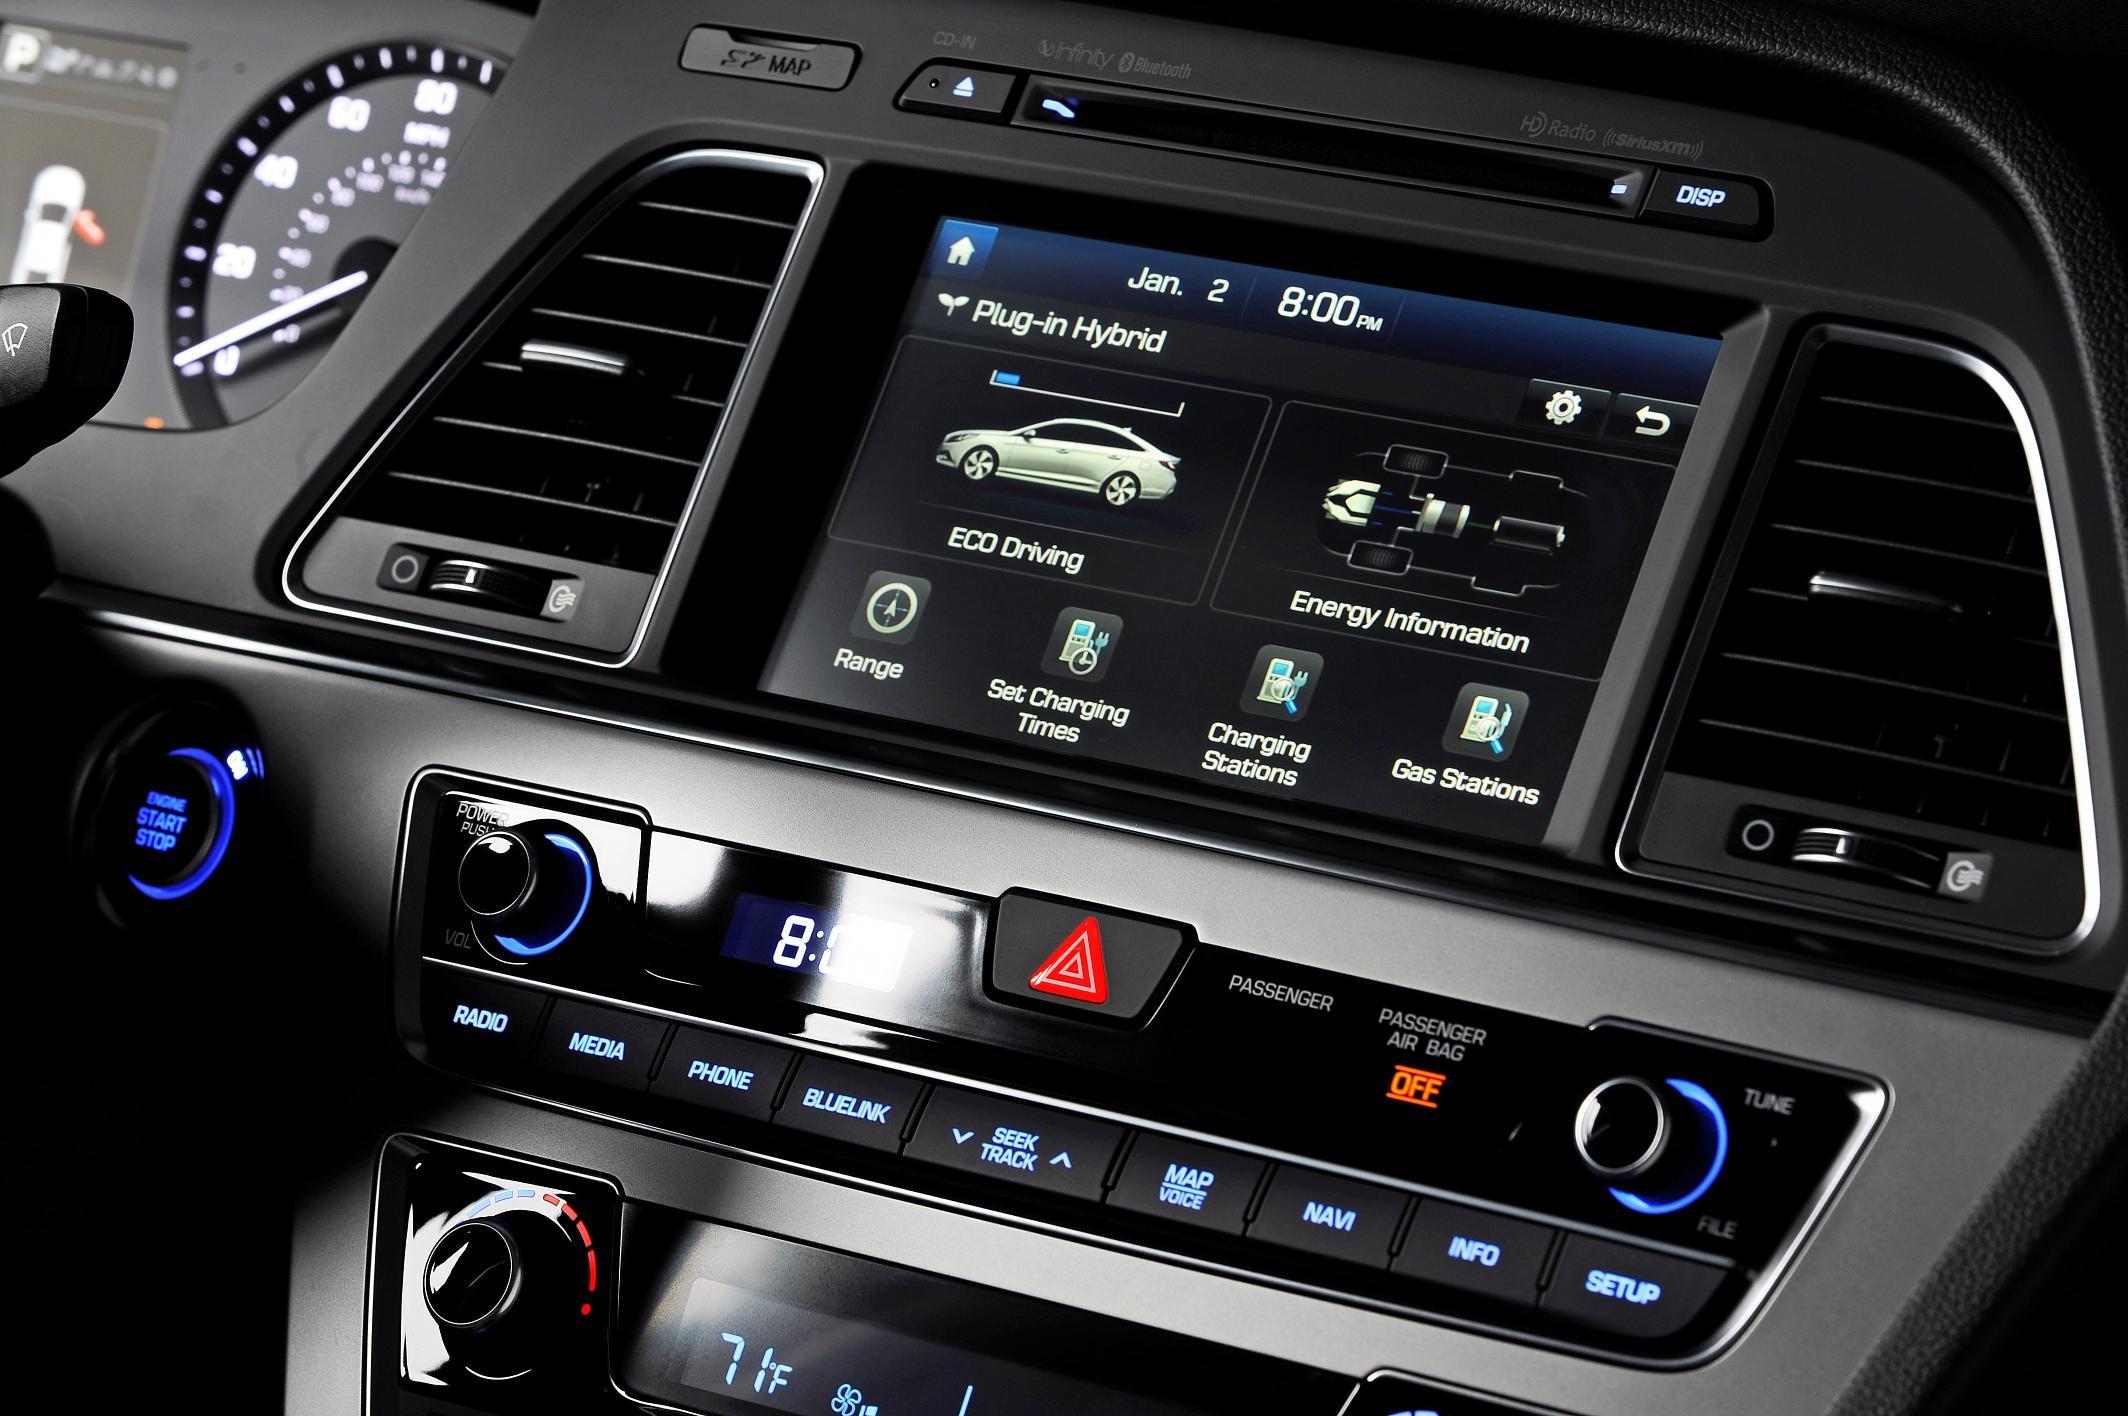 Hyundai Sonata: How to use this manual